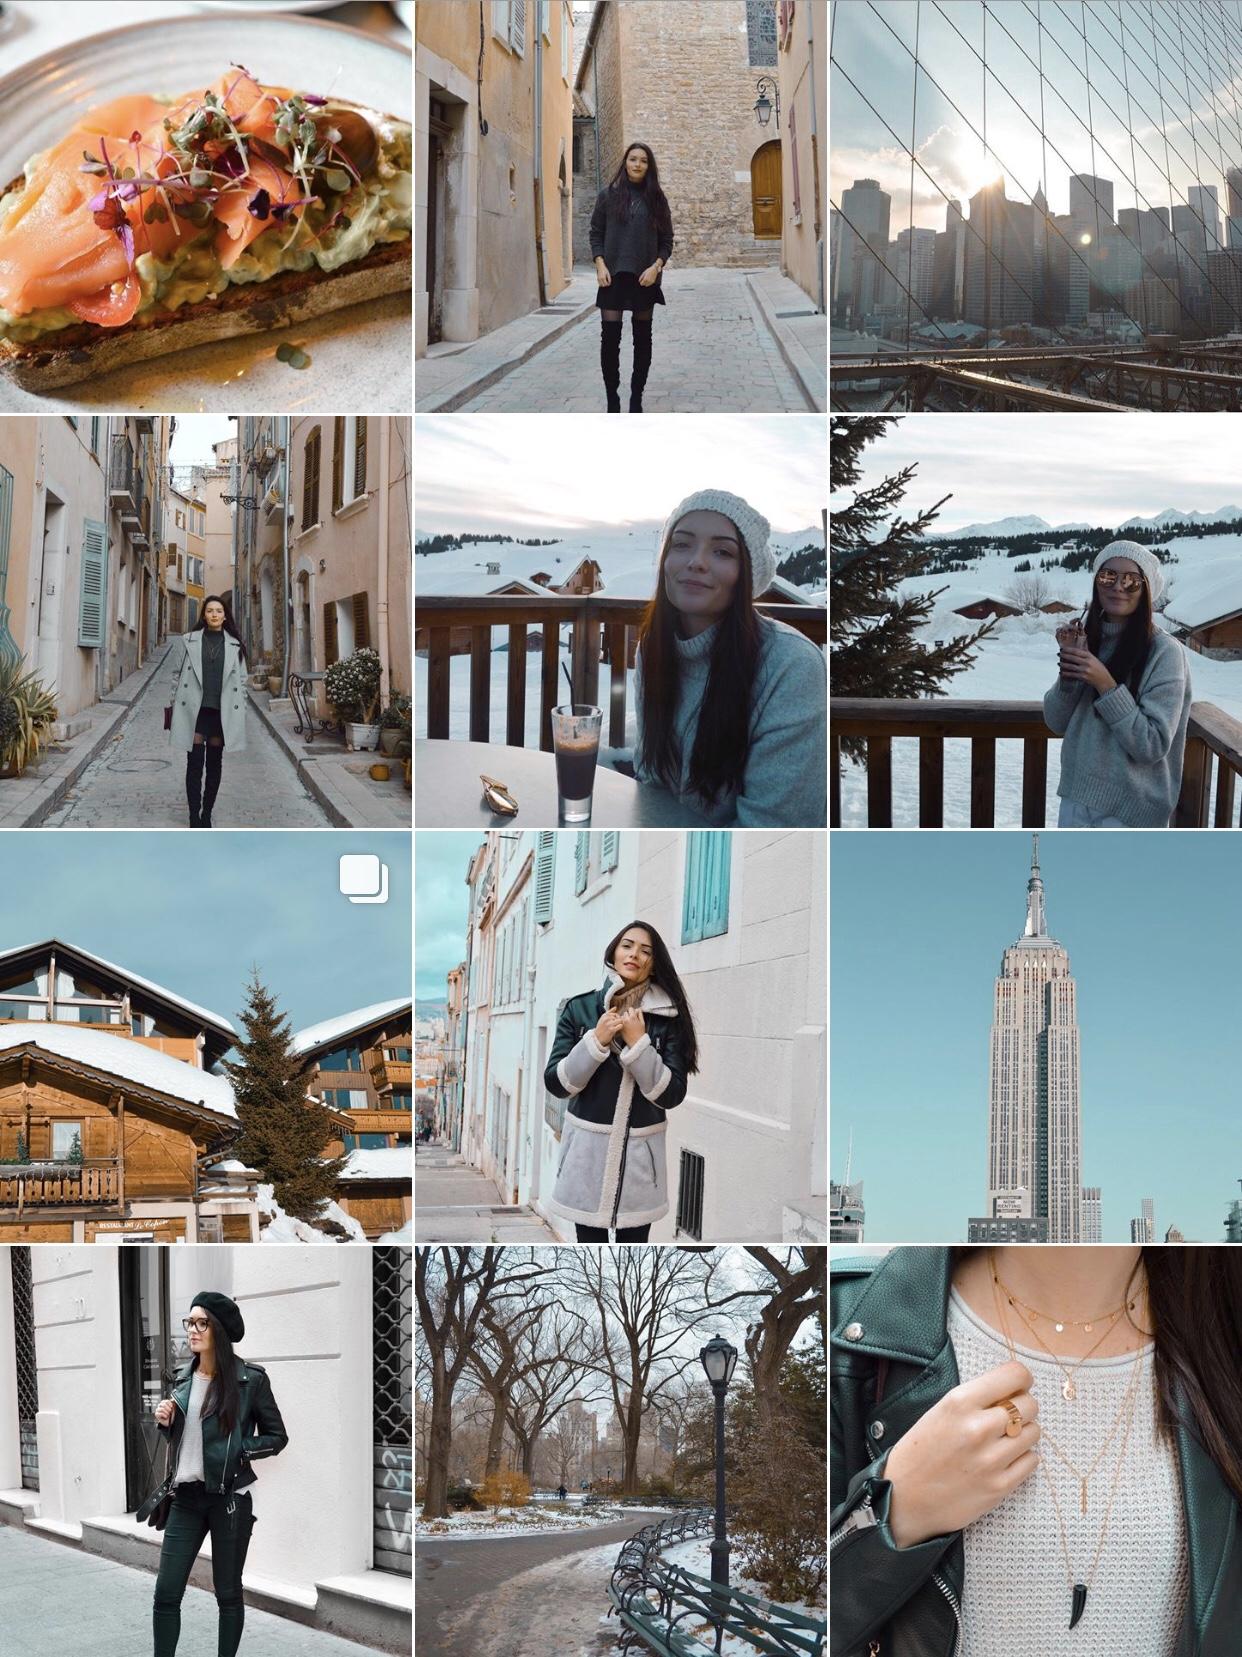 Instagram @itsmathilde